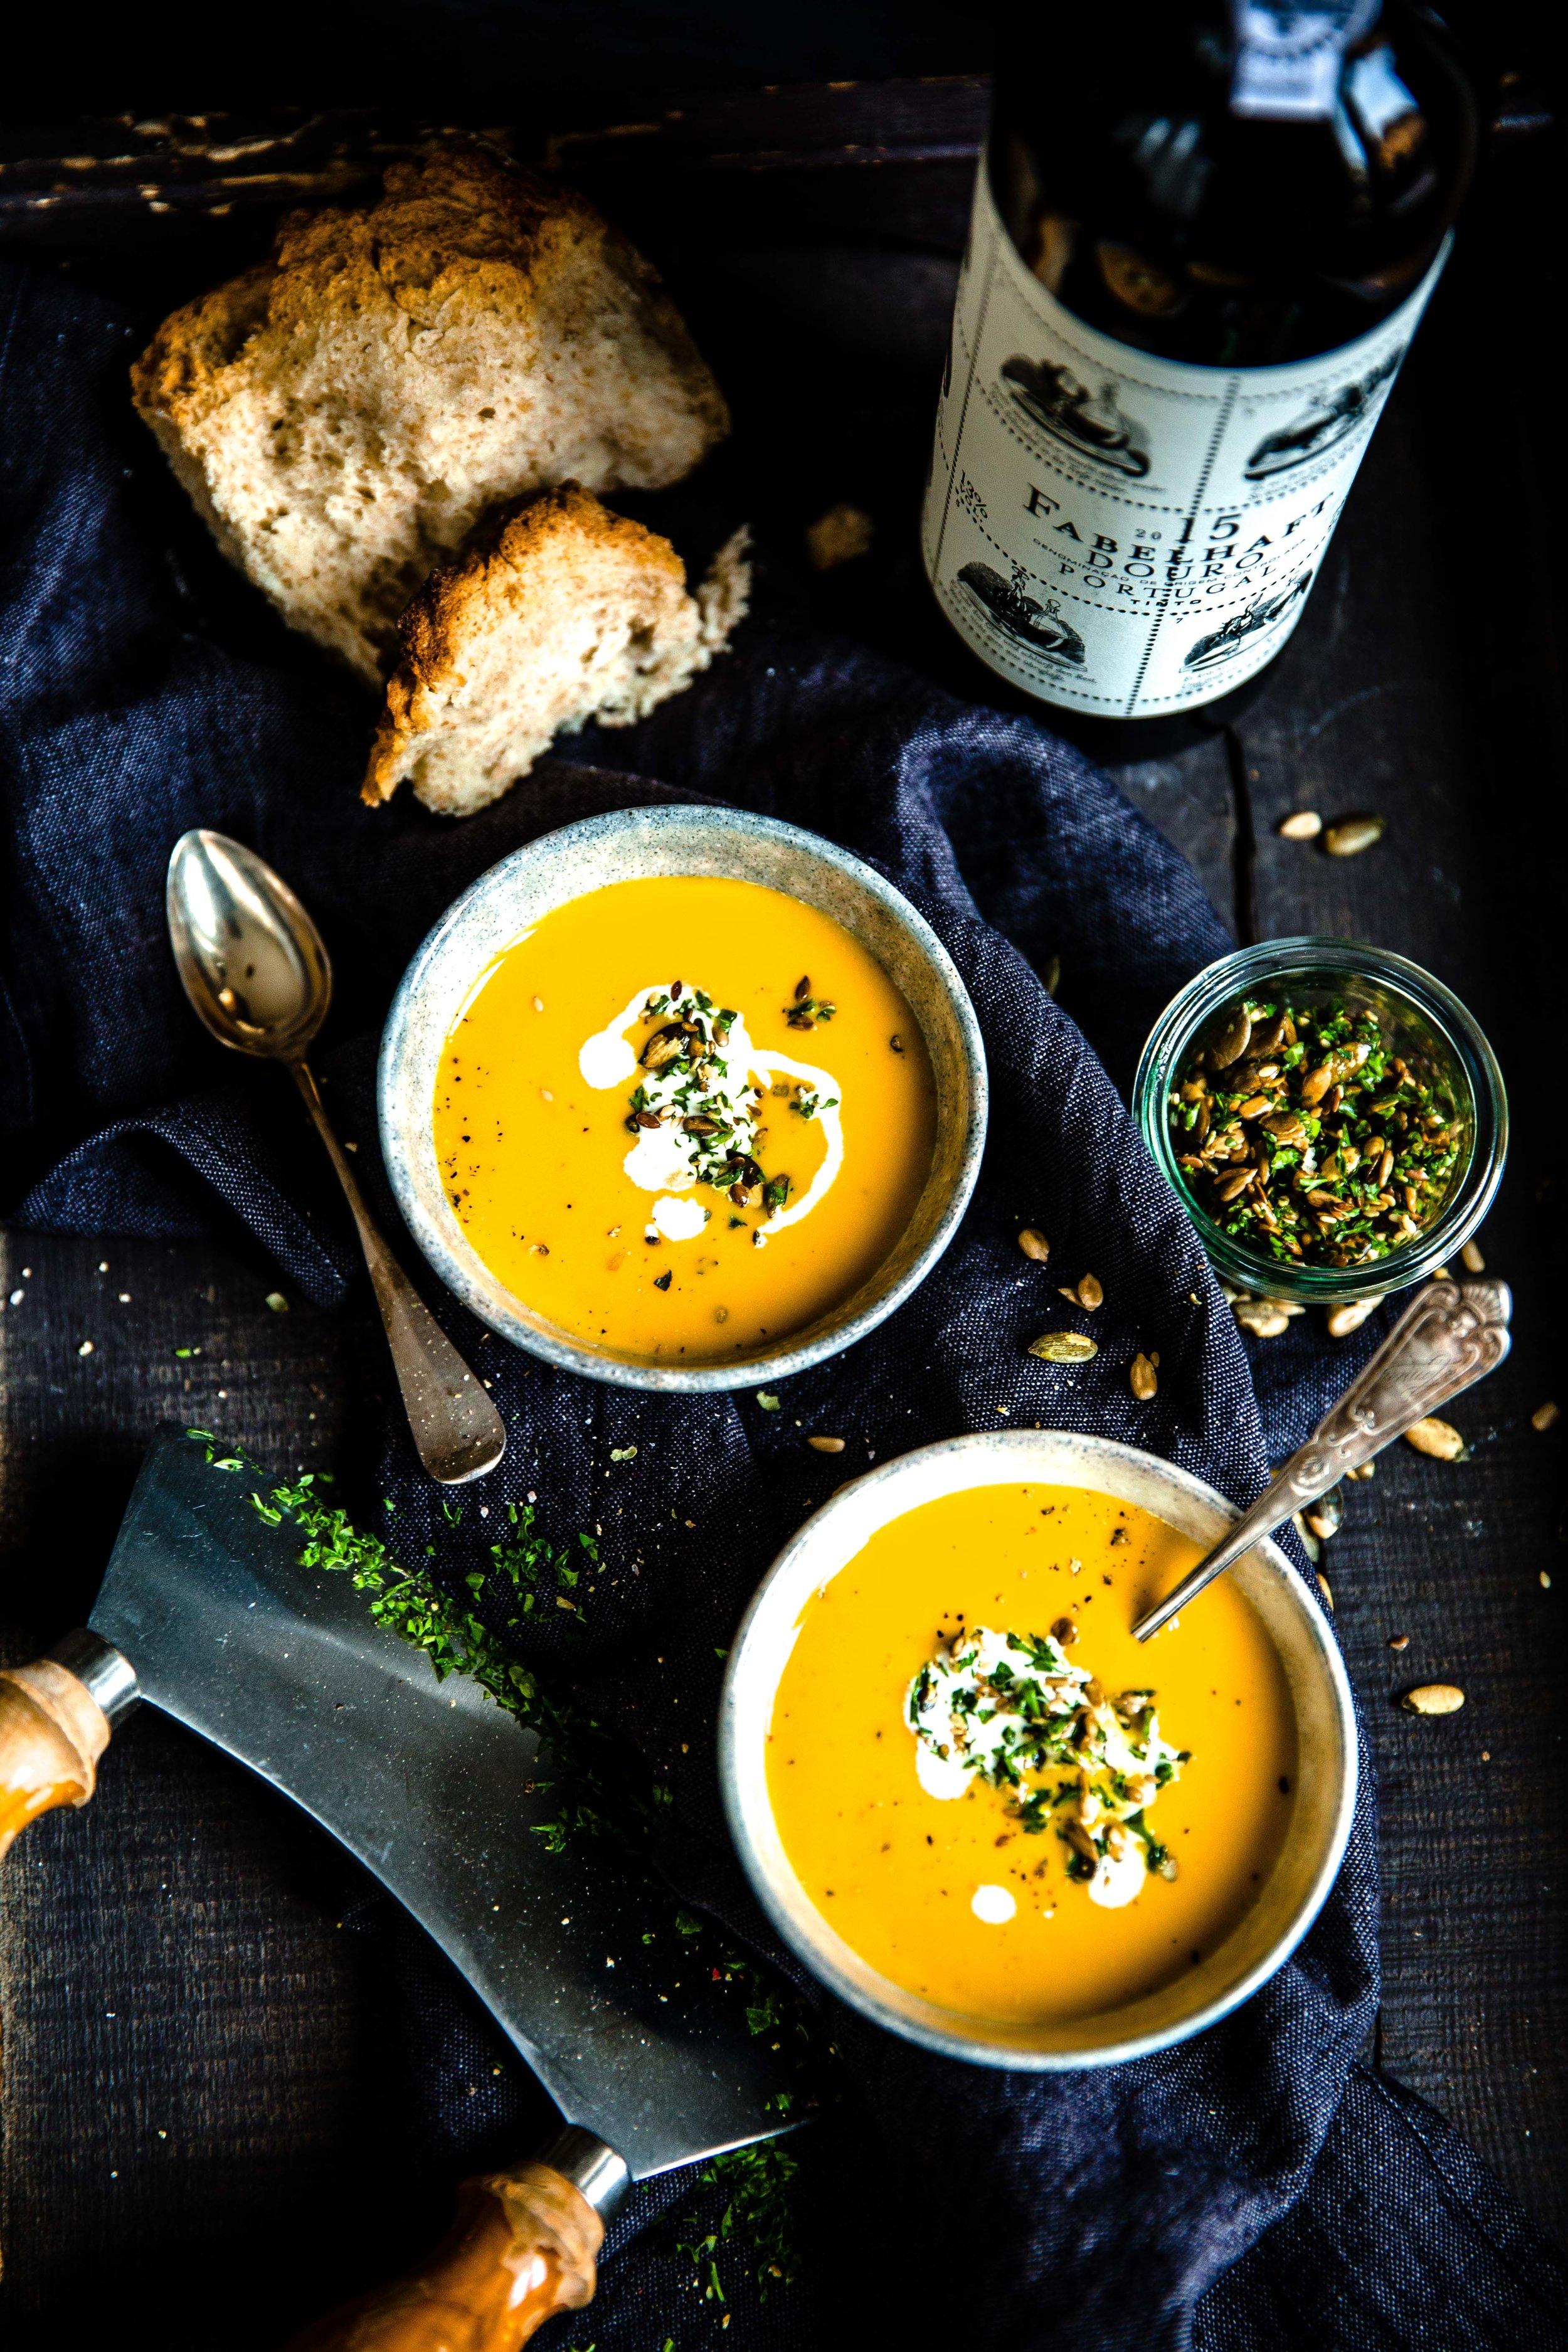 <strong>Herbst</strong><p>Essen & Trinken »</p>